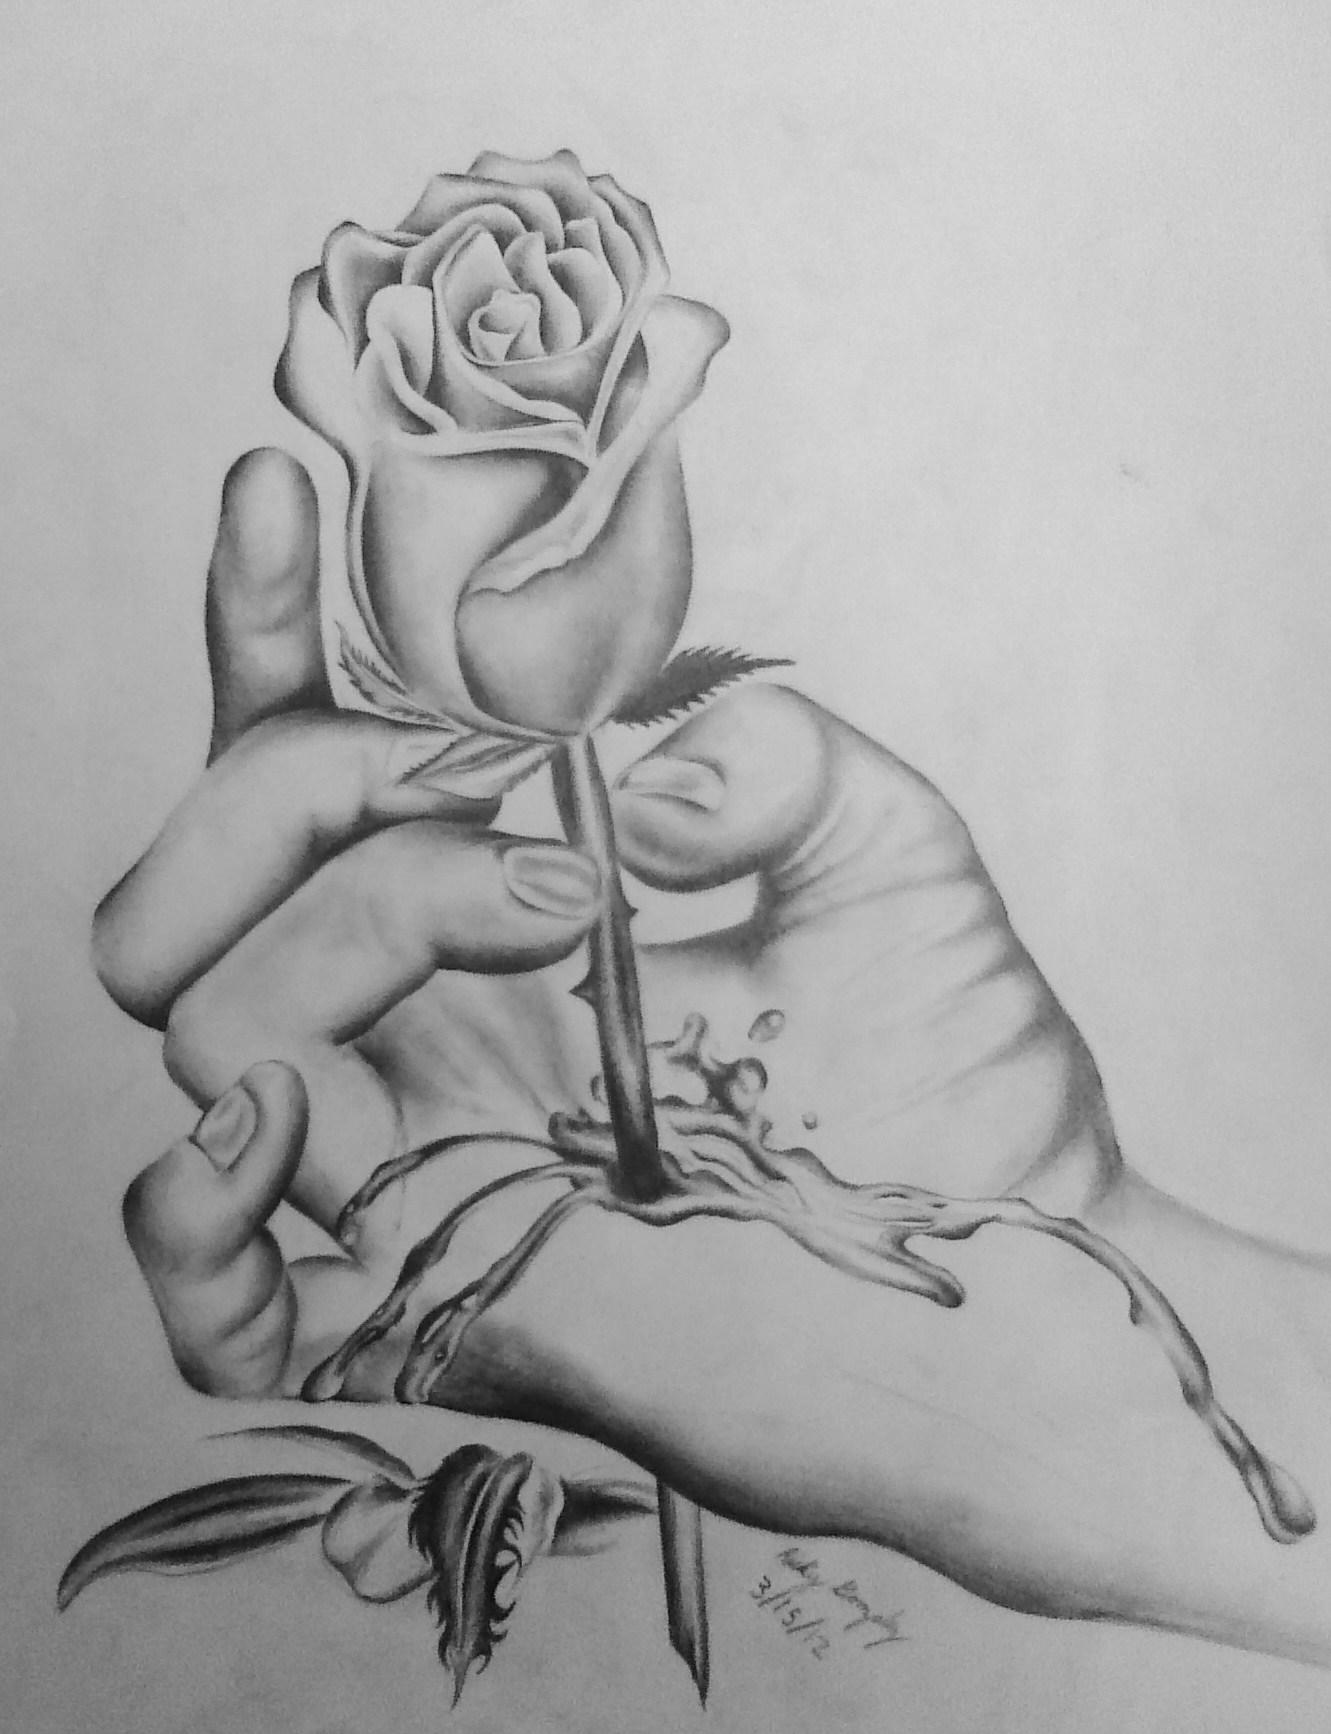 bleeding hand rose